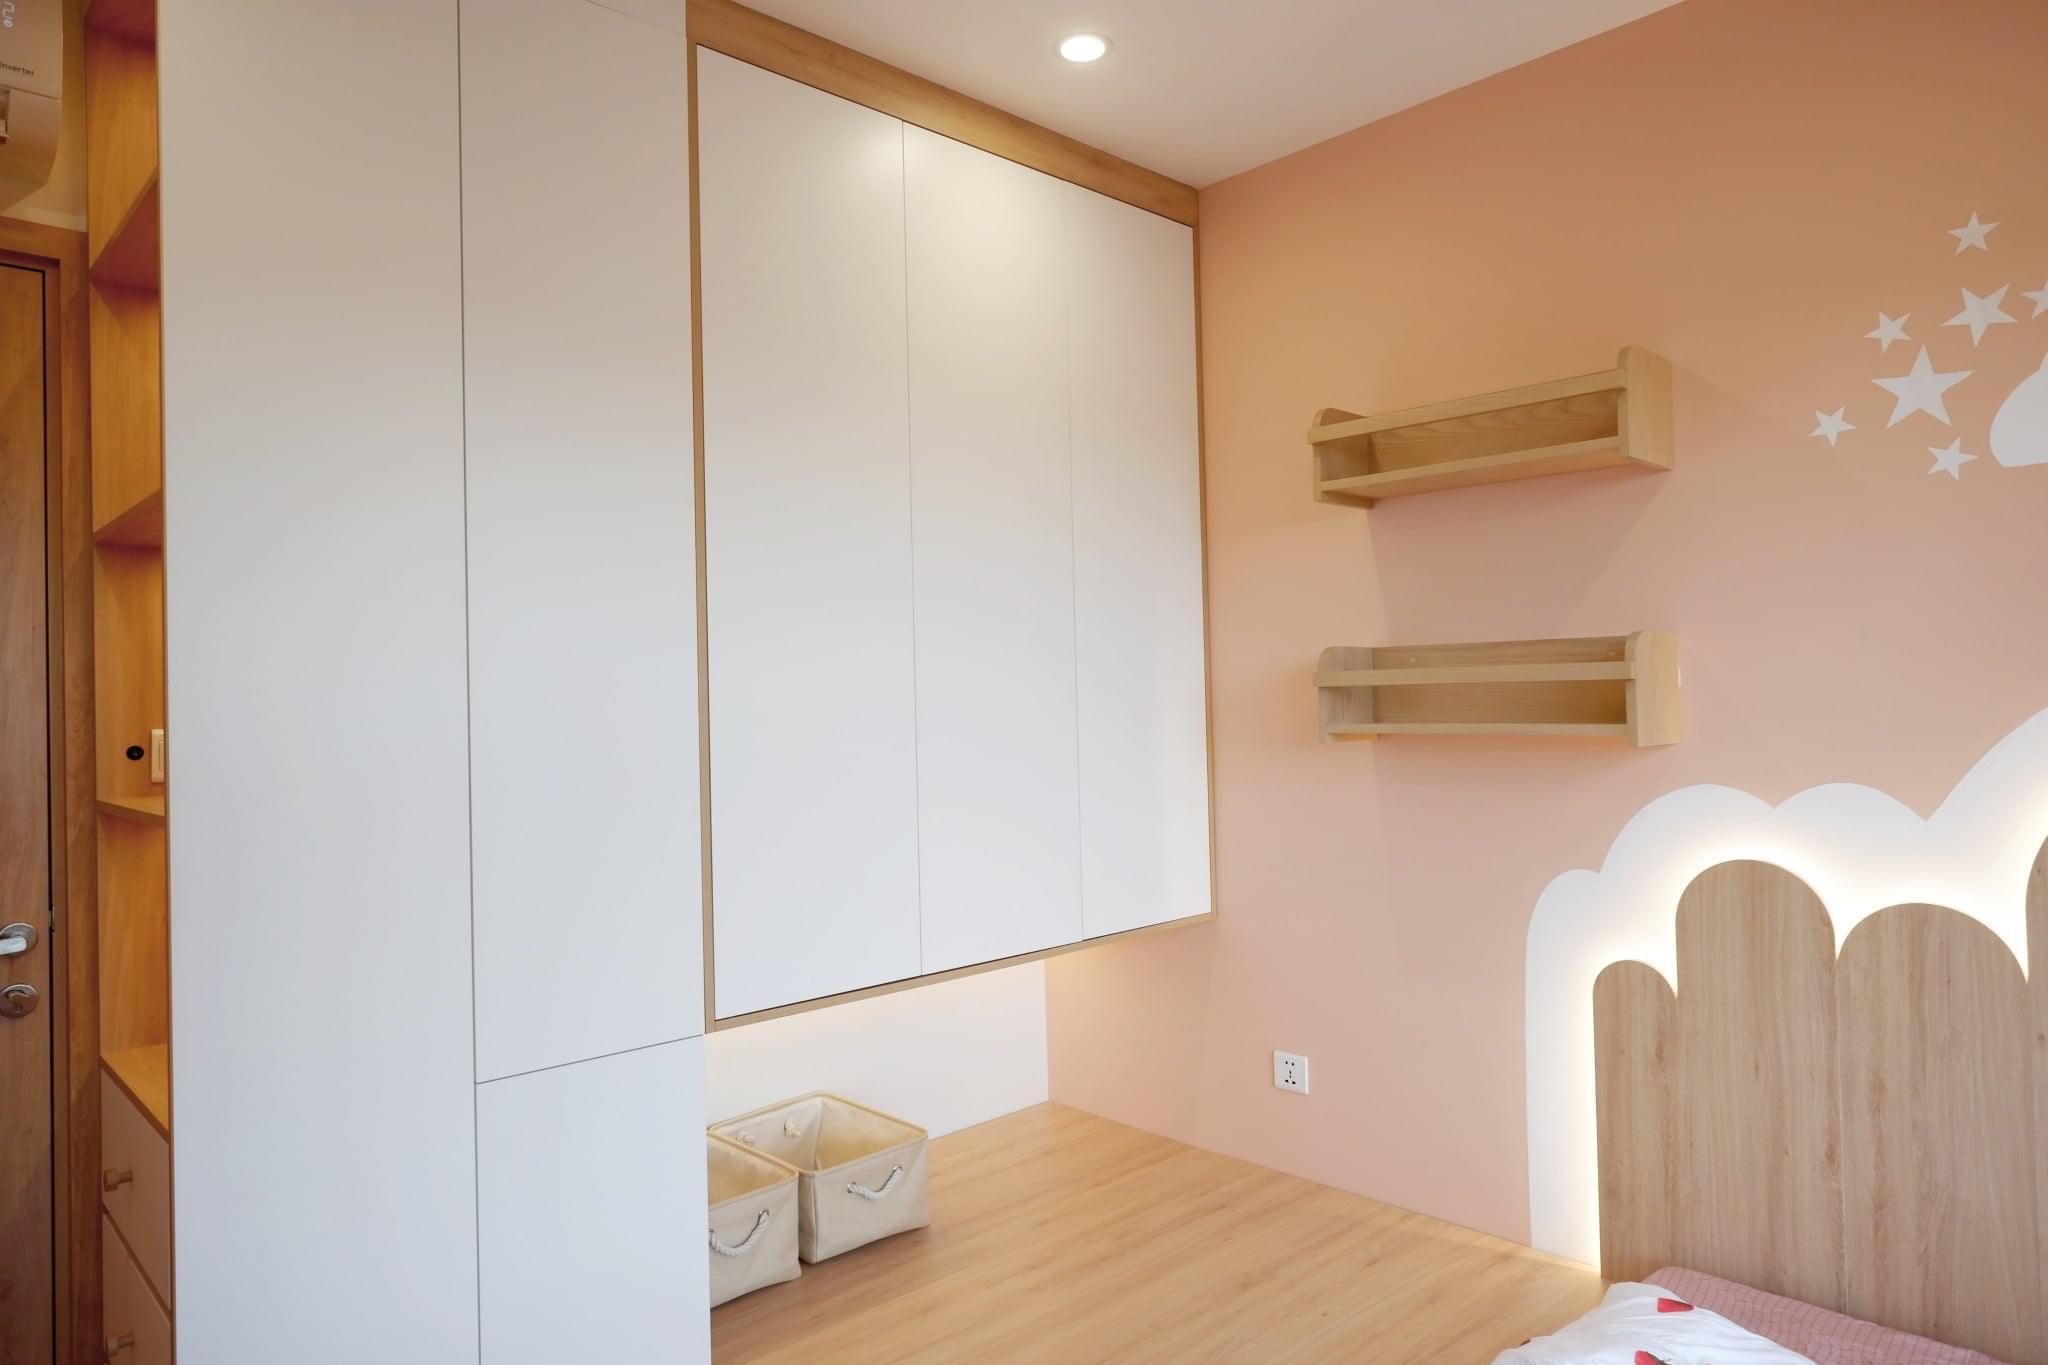 Căn hộ 3 phòng ngủ toà S5.01 Vinhomes Grand Park 11tr/tháng 8